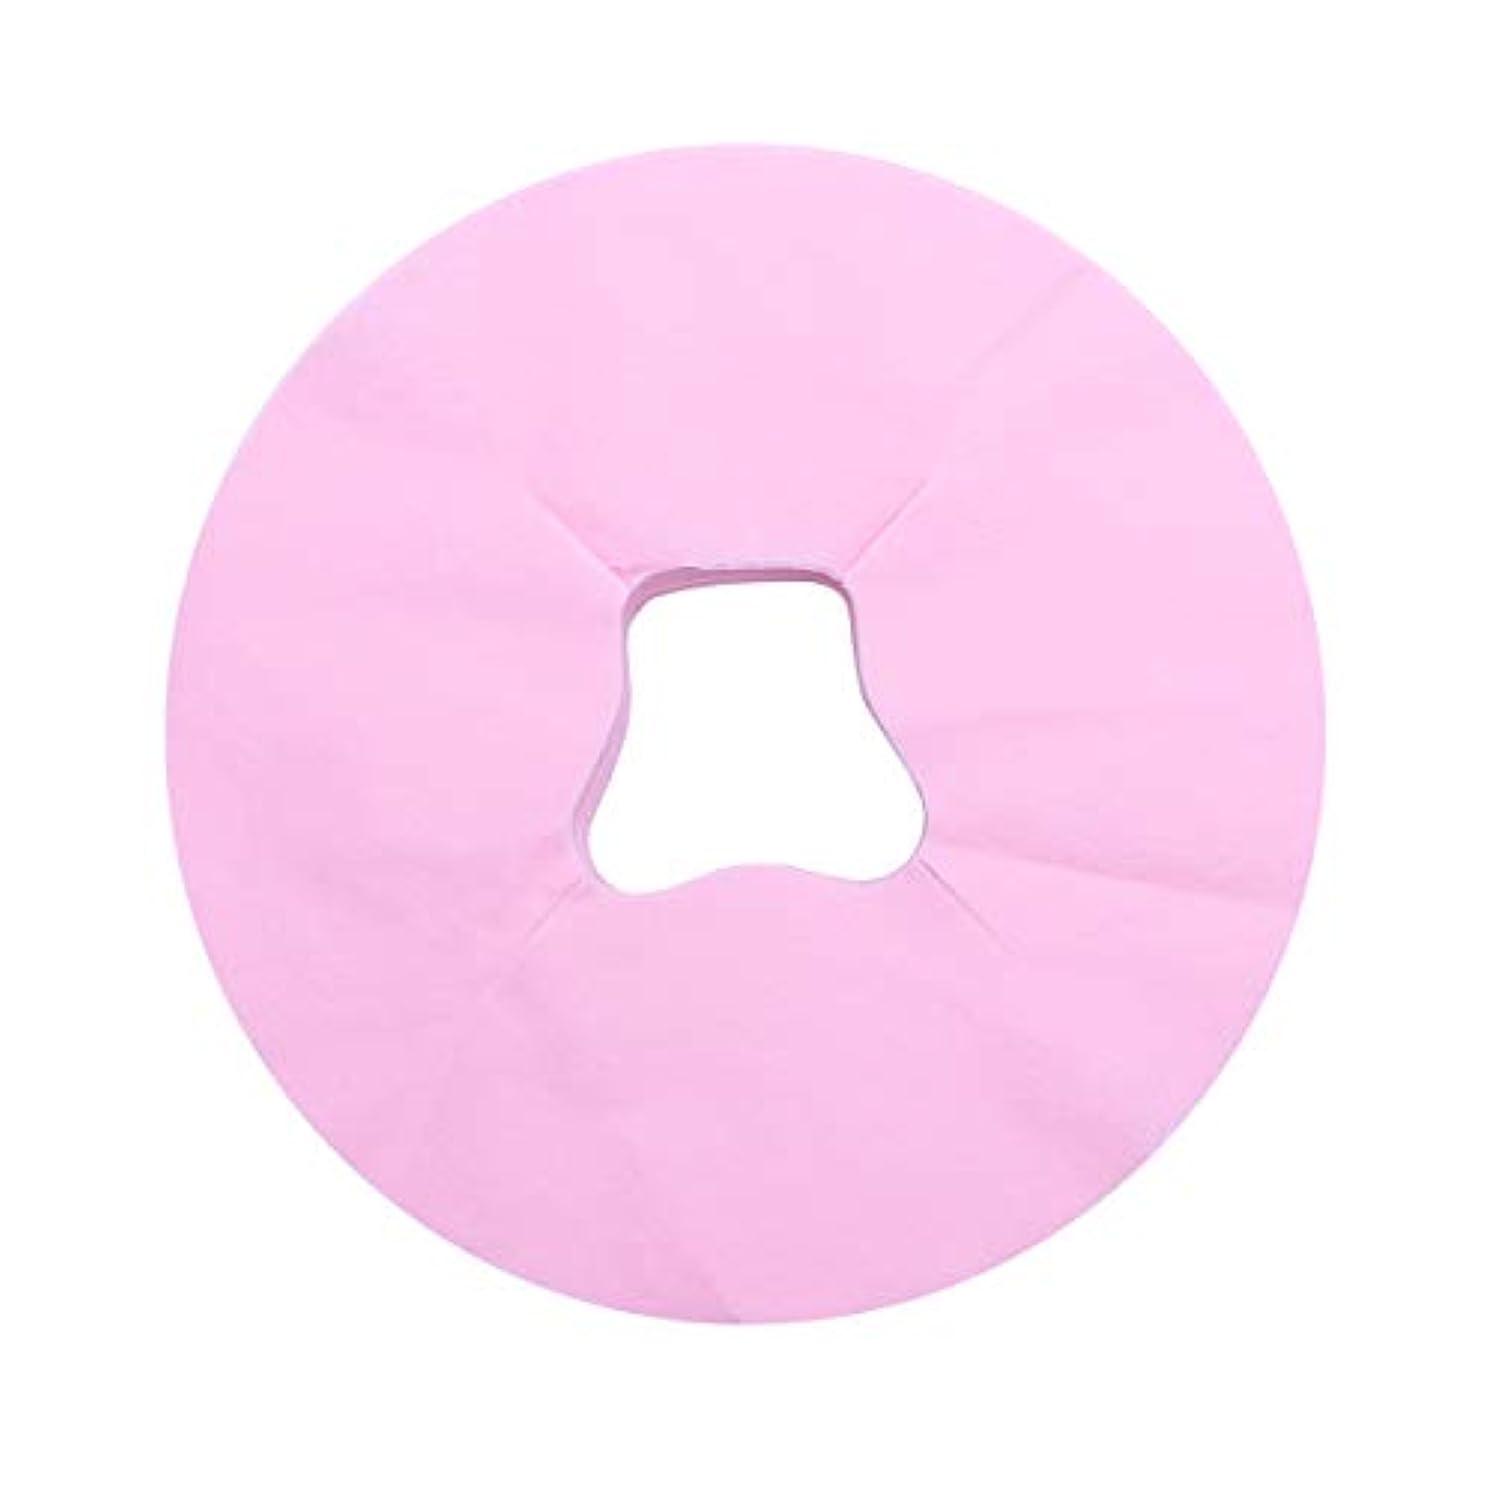 ランクリスクまどろみのあるHealifty 100シートマッサージフェイスピローカバー使い捨てフェイスカバーパッドフェイスホールピローフェイシャルベッドサロンスパヘッドレストピローシート(ピンク)